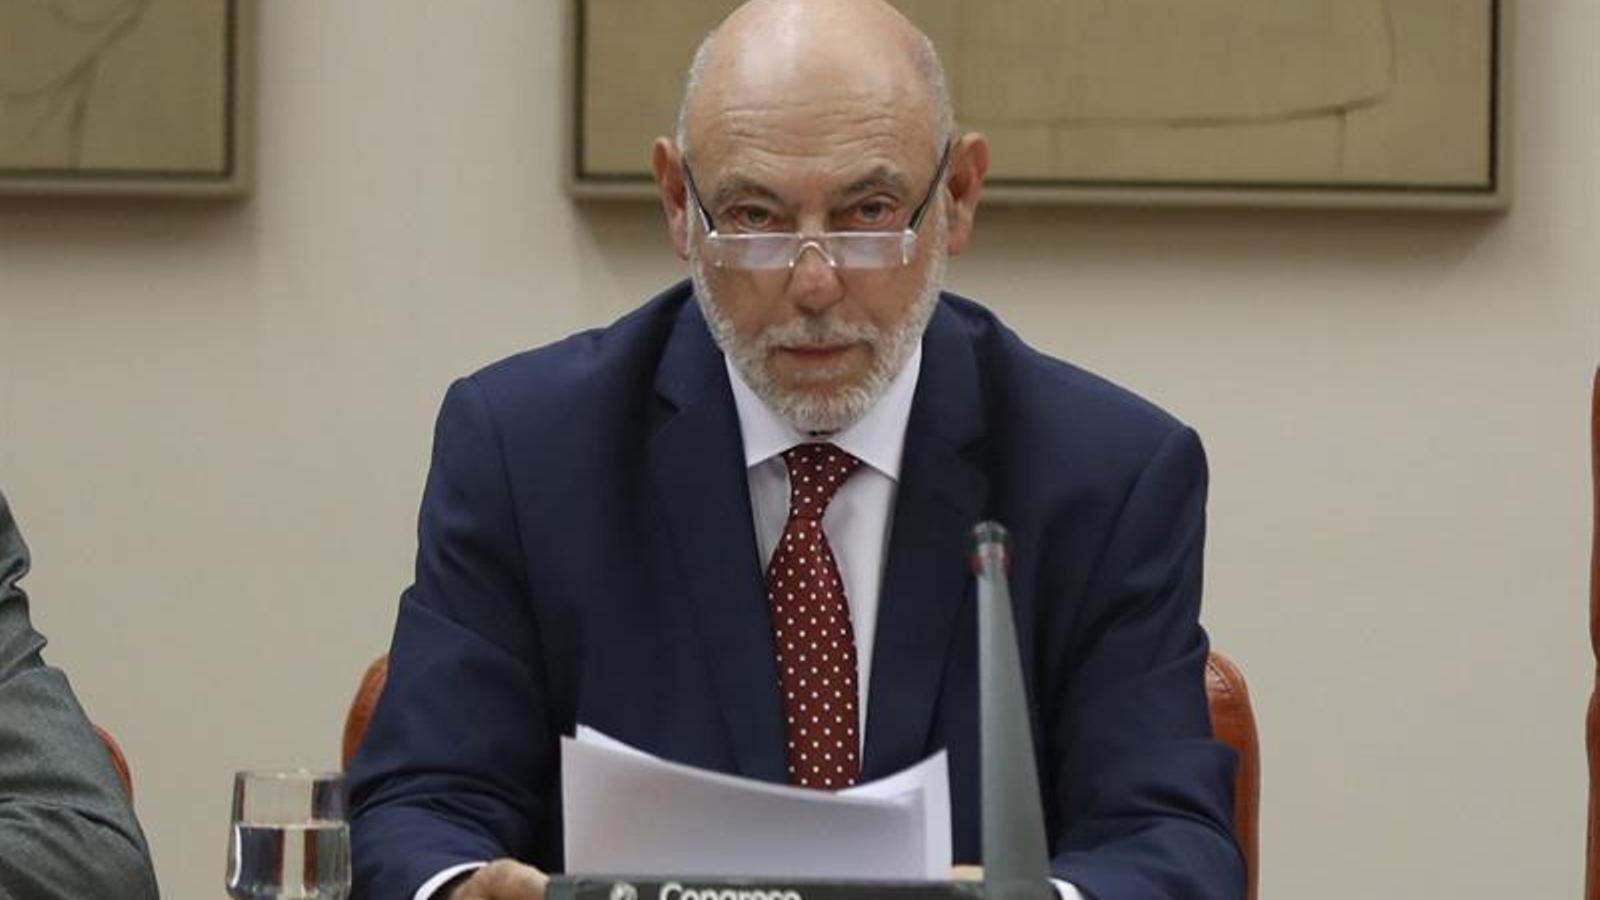 En marxa el procés penal contra el Govern i la mesa del Parlament